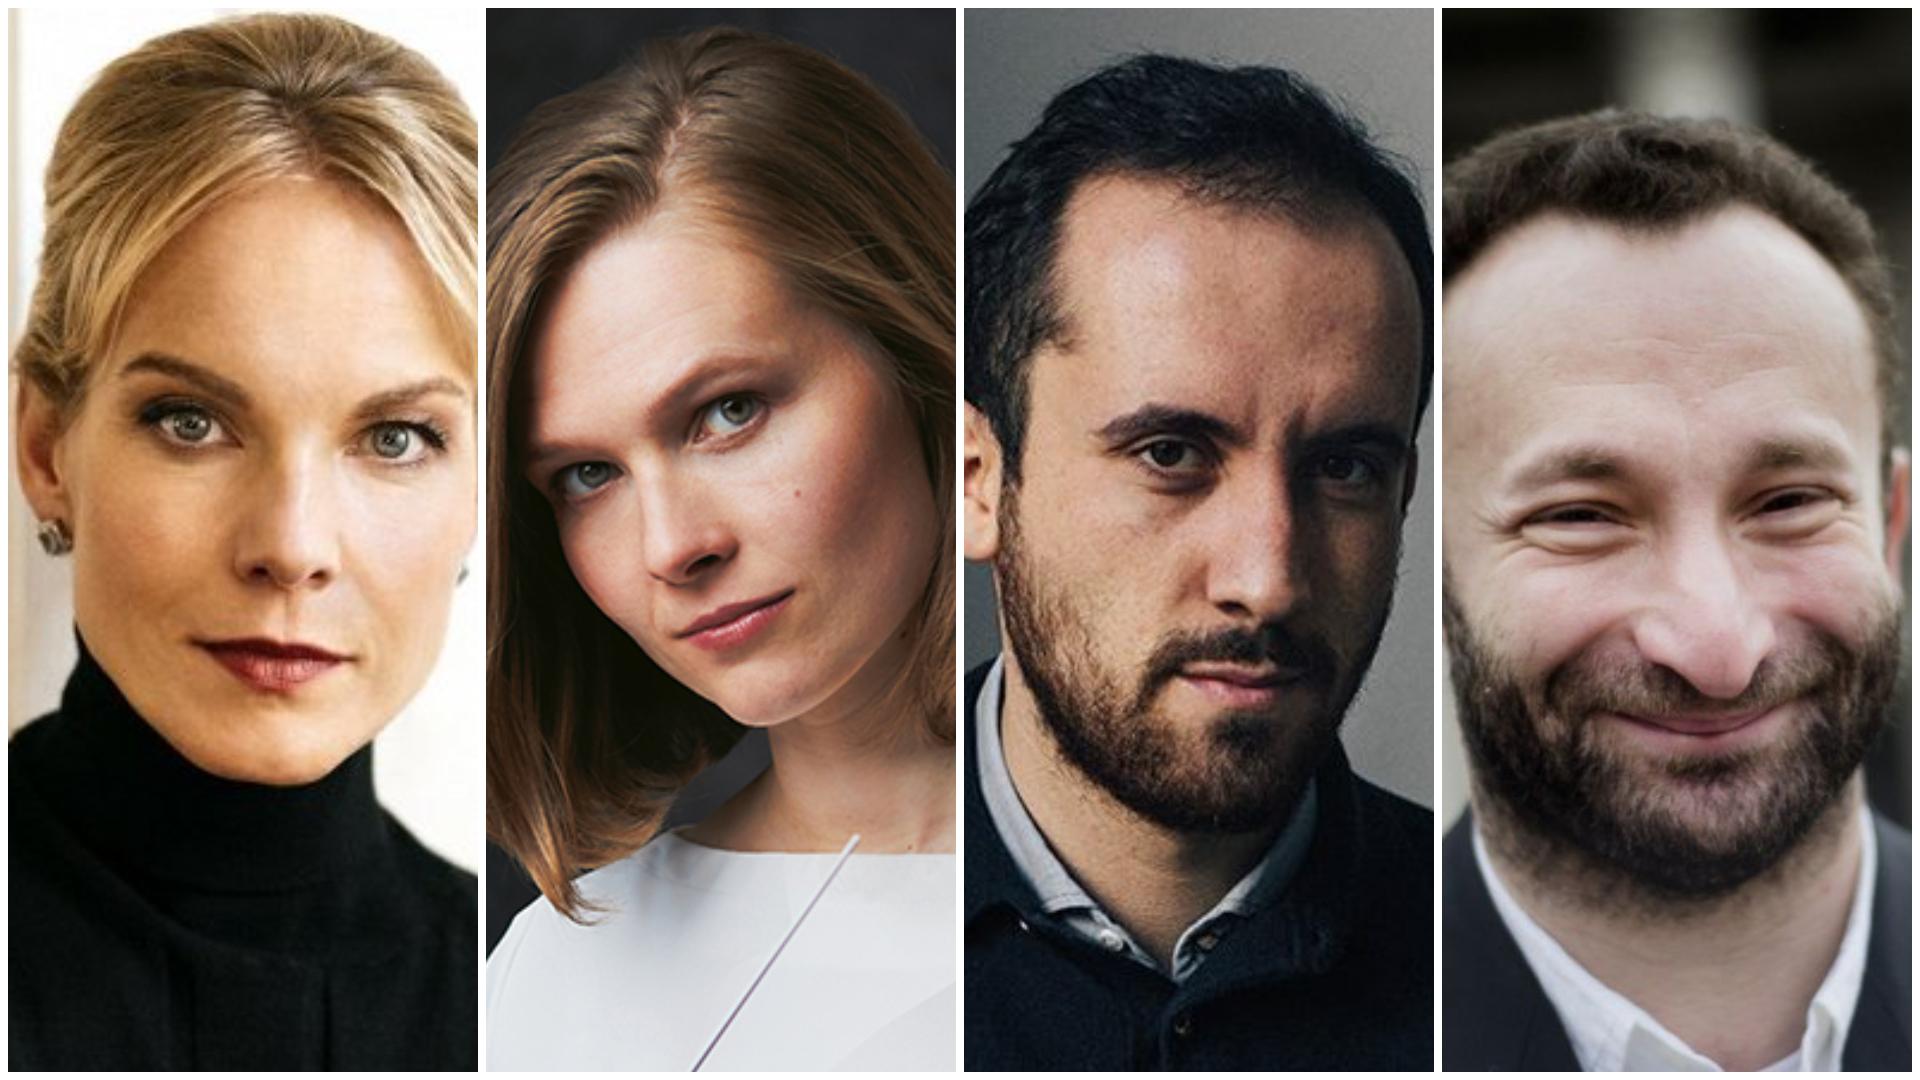 Elina Garanca, Mirga Gražinytė-Tyla, Igor Levit y la Filarmónica de Berlín en la edición 2021 del Festival de Lucerna